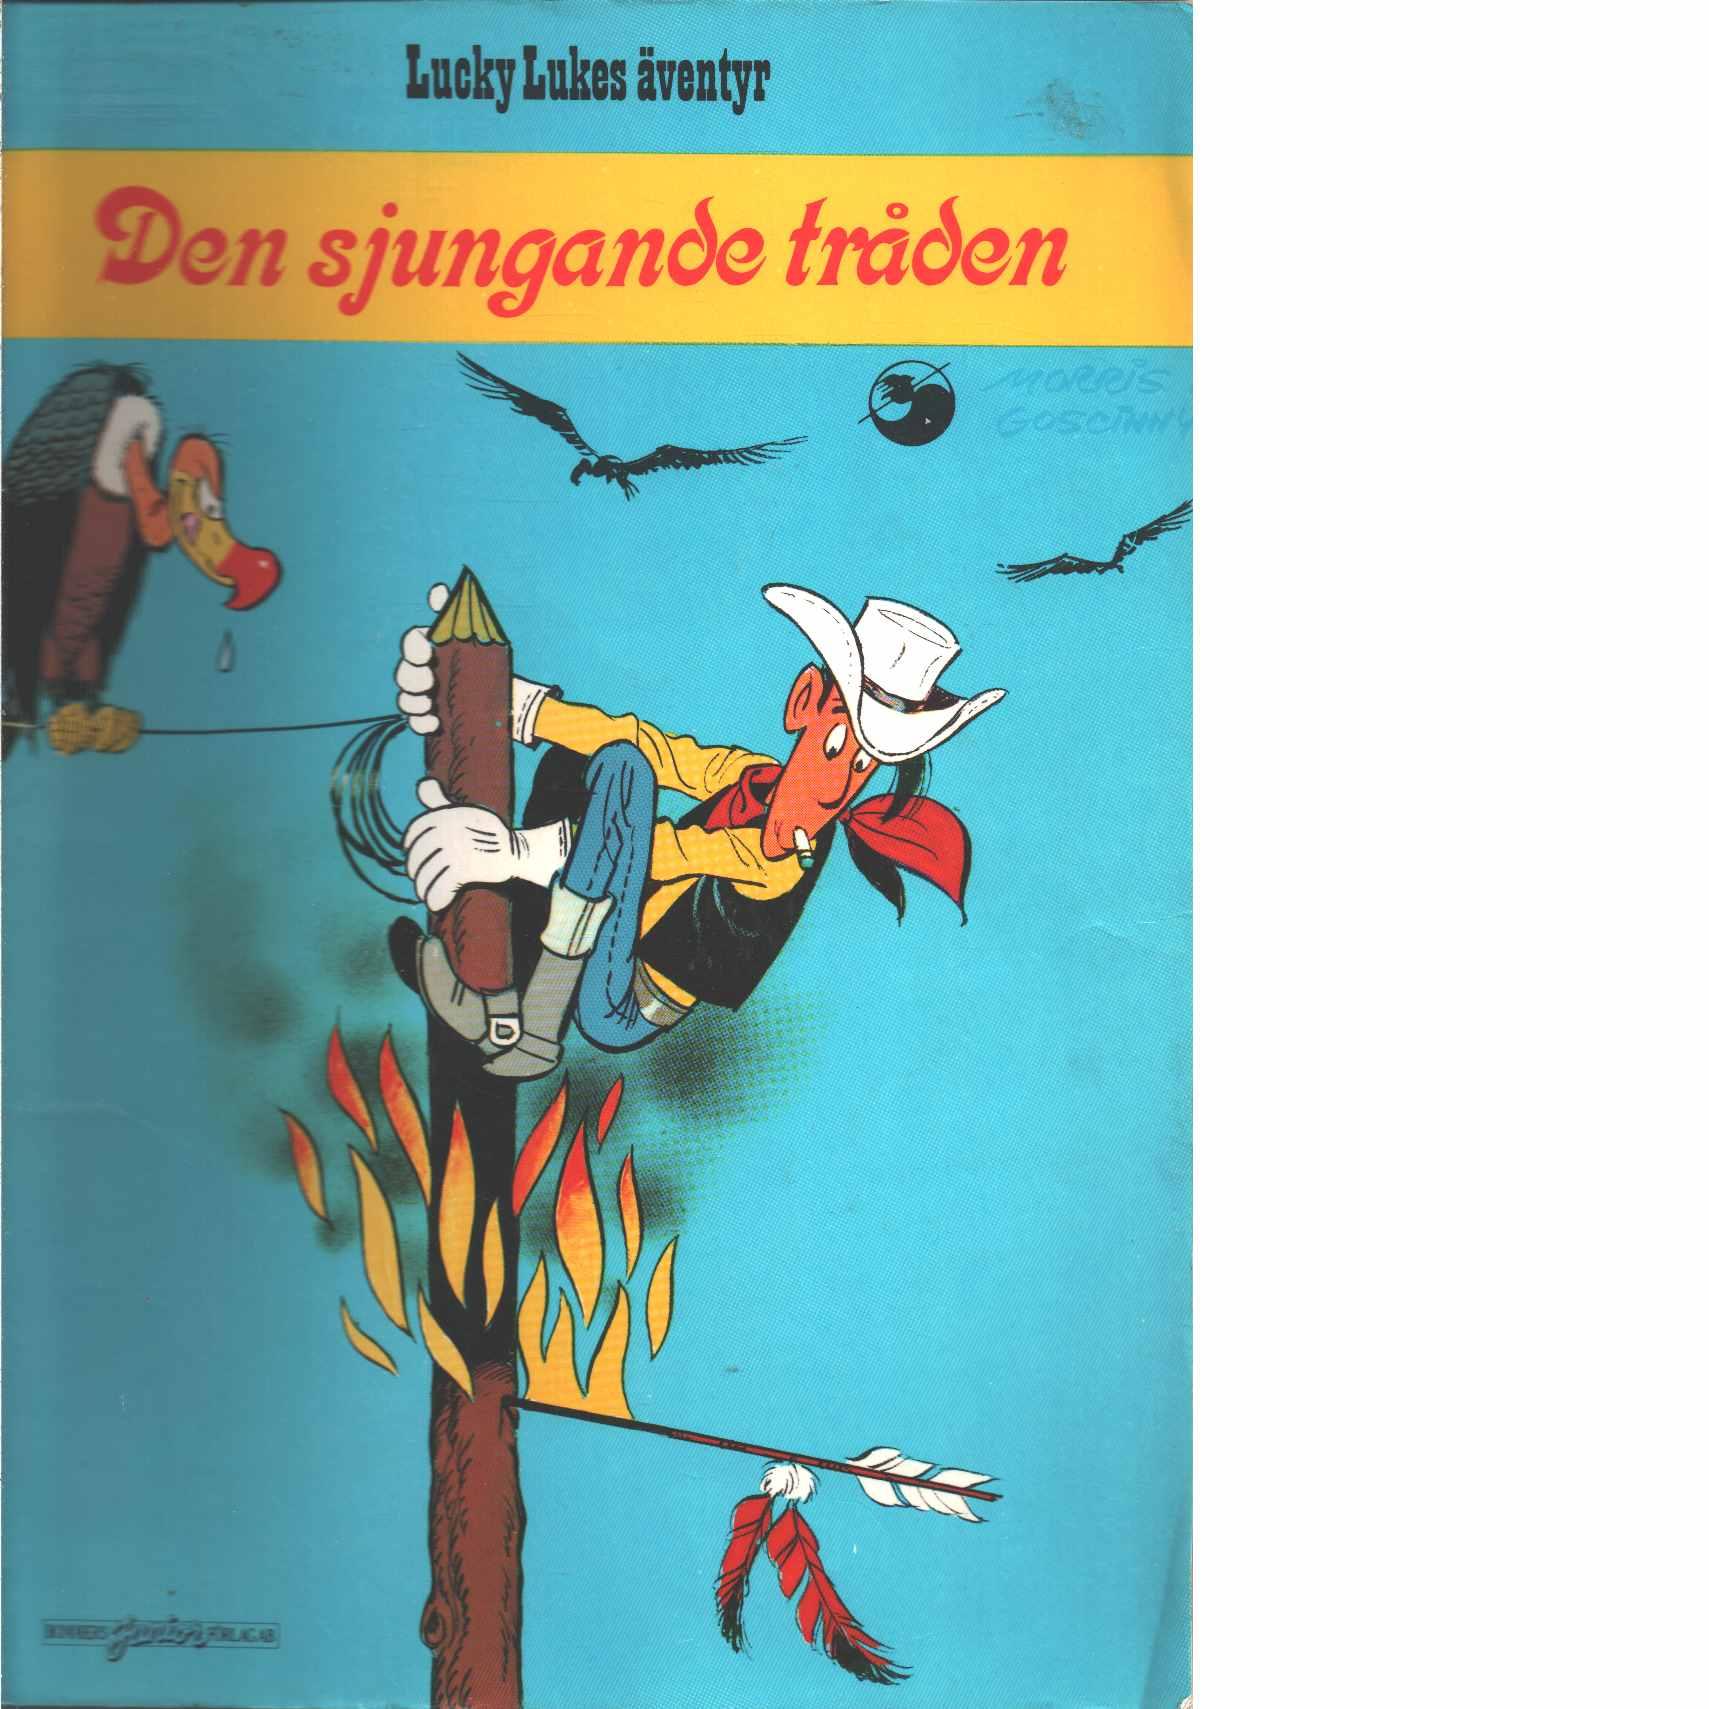 Lucky Lukes äventyr : Den sjungande tråden - Morris och Goscinny, René